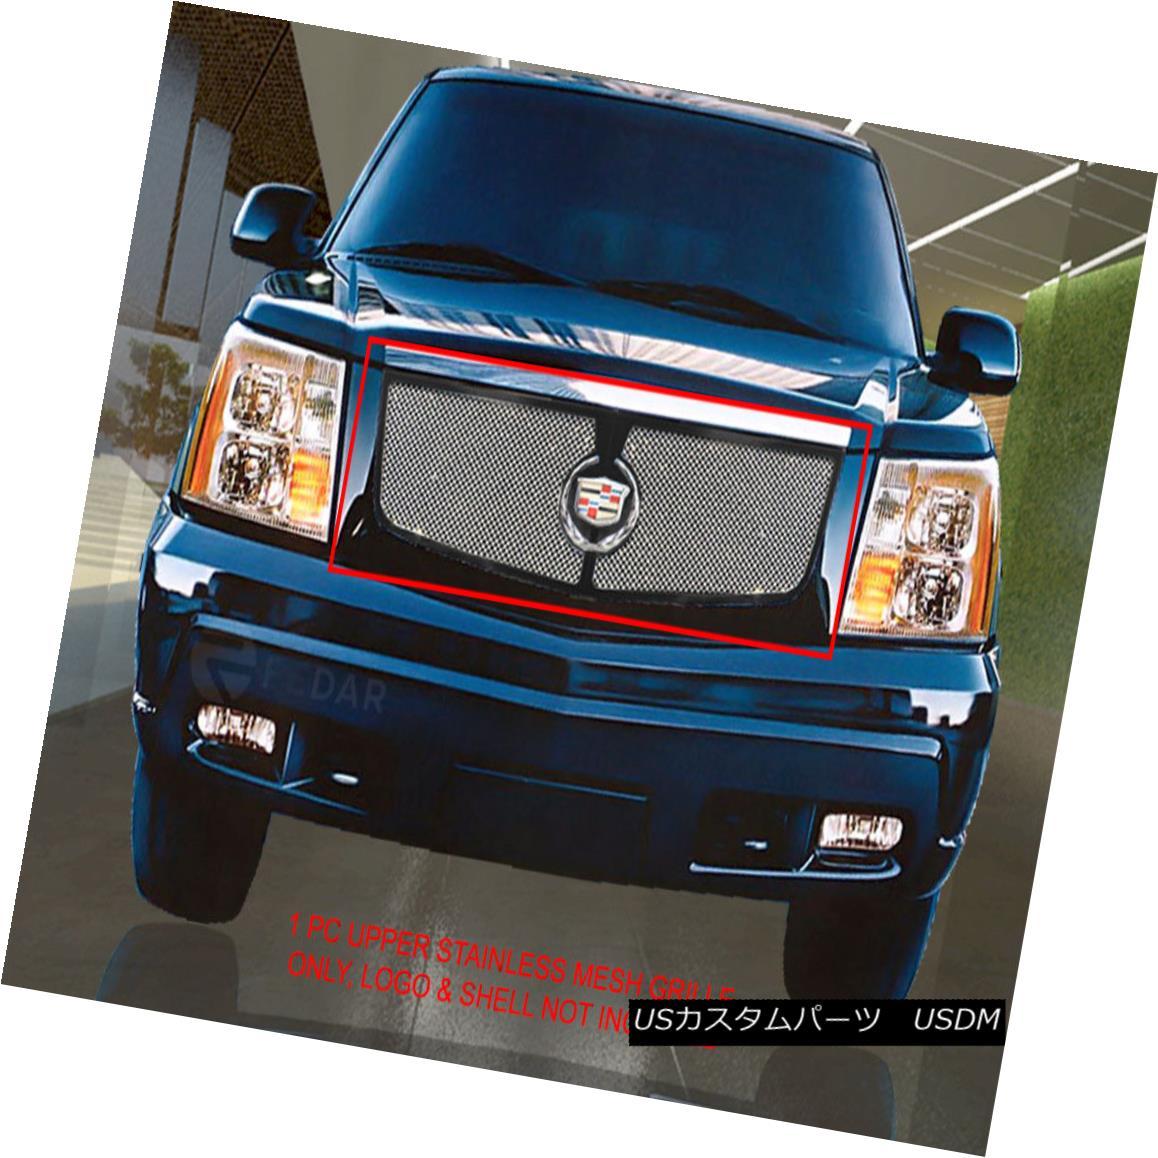 グリル Fedar Fits 02-06 Cadillac Escalade Chrome Replacement Wire Mesh Grille Insert Fedar Fits 02-06 Cadillac Escaladeクロム交換用ワイヤーメッシュグリルインサート